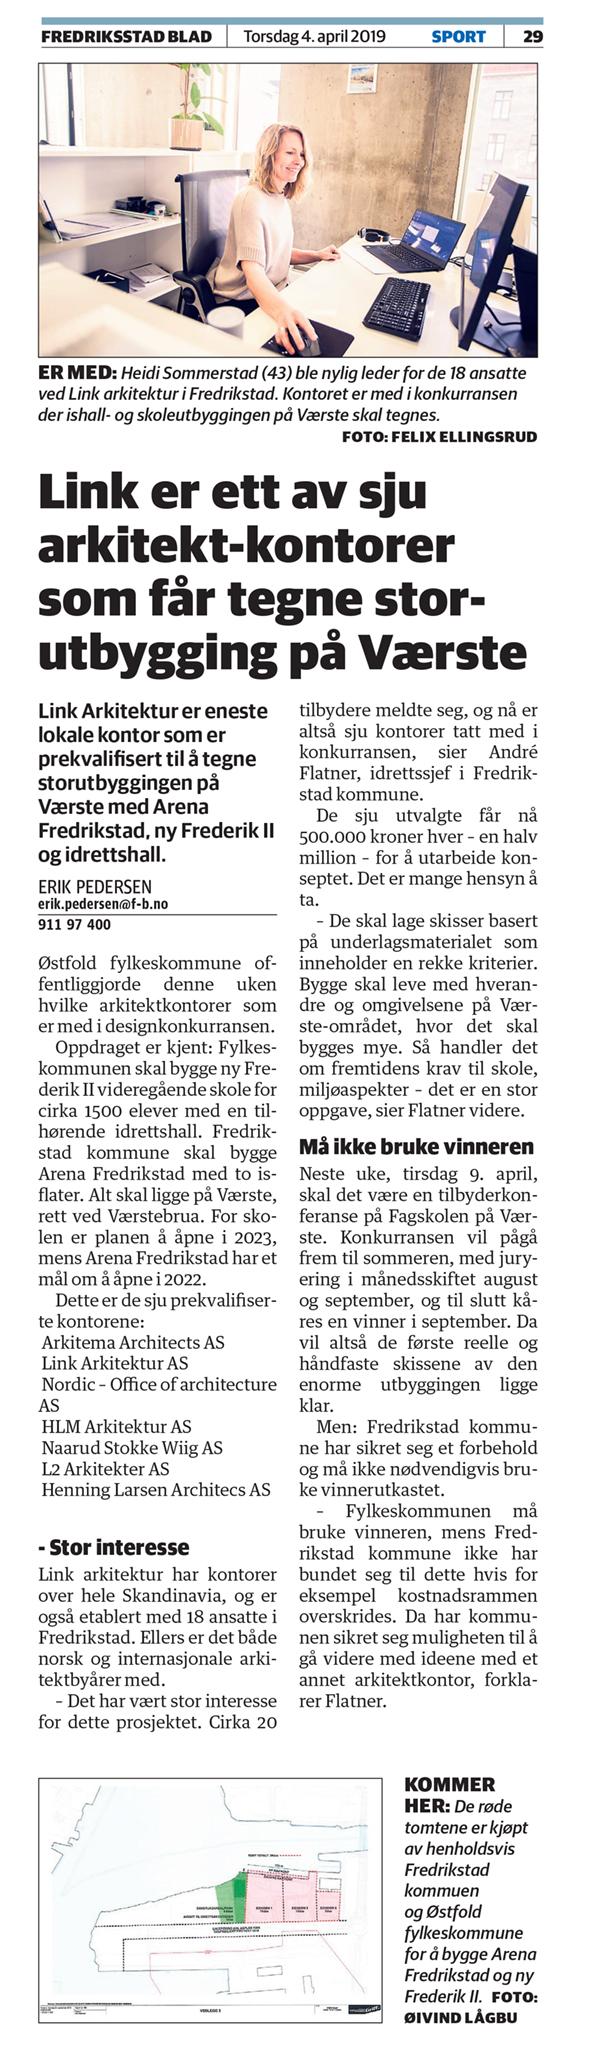 2019-04-05-FB,-Link-er-ett-av-sju-arktiekt-kontorer-som-får-tegne-storutbyggingen-på-Værste.jpg